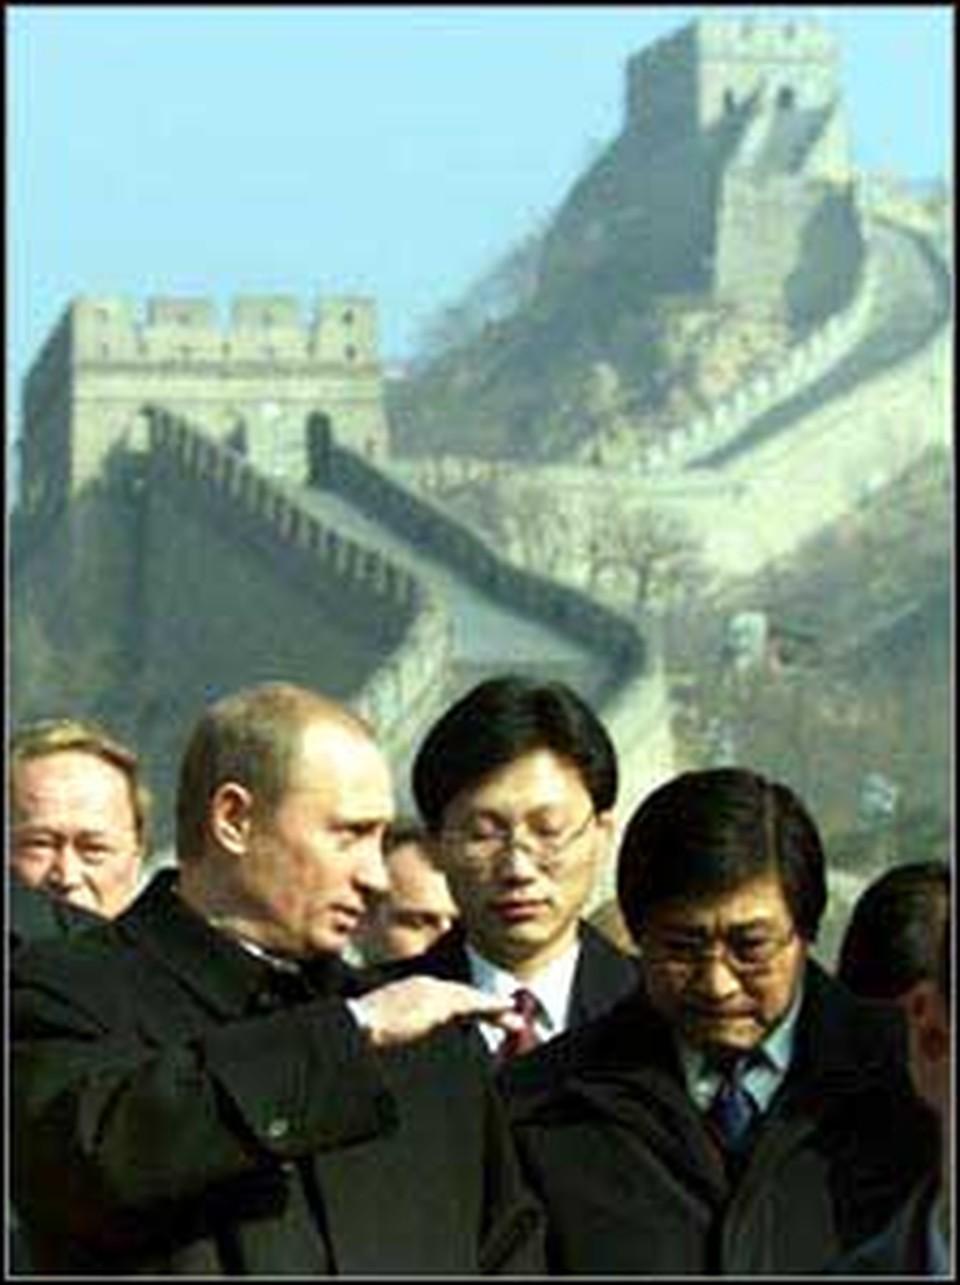 Встреча Владимира Путина с генсеком Ху Цзиньтао (крайний справа) прошла на очень высоком уровне - Великой Китайской стены.